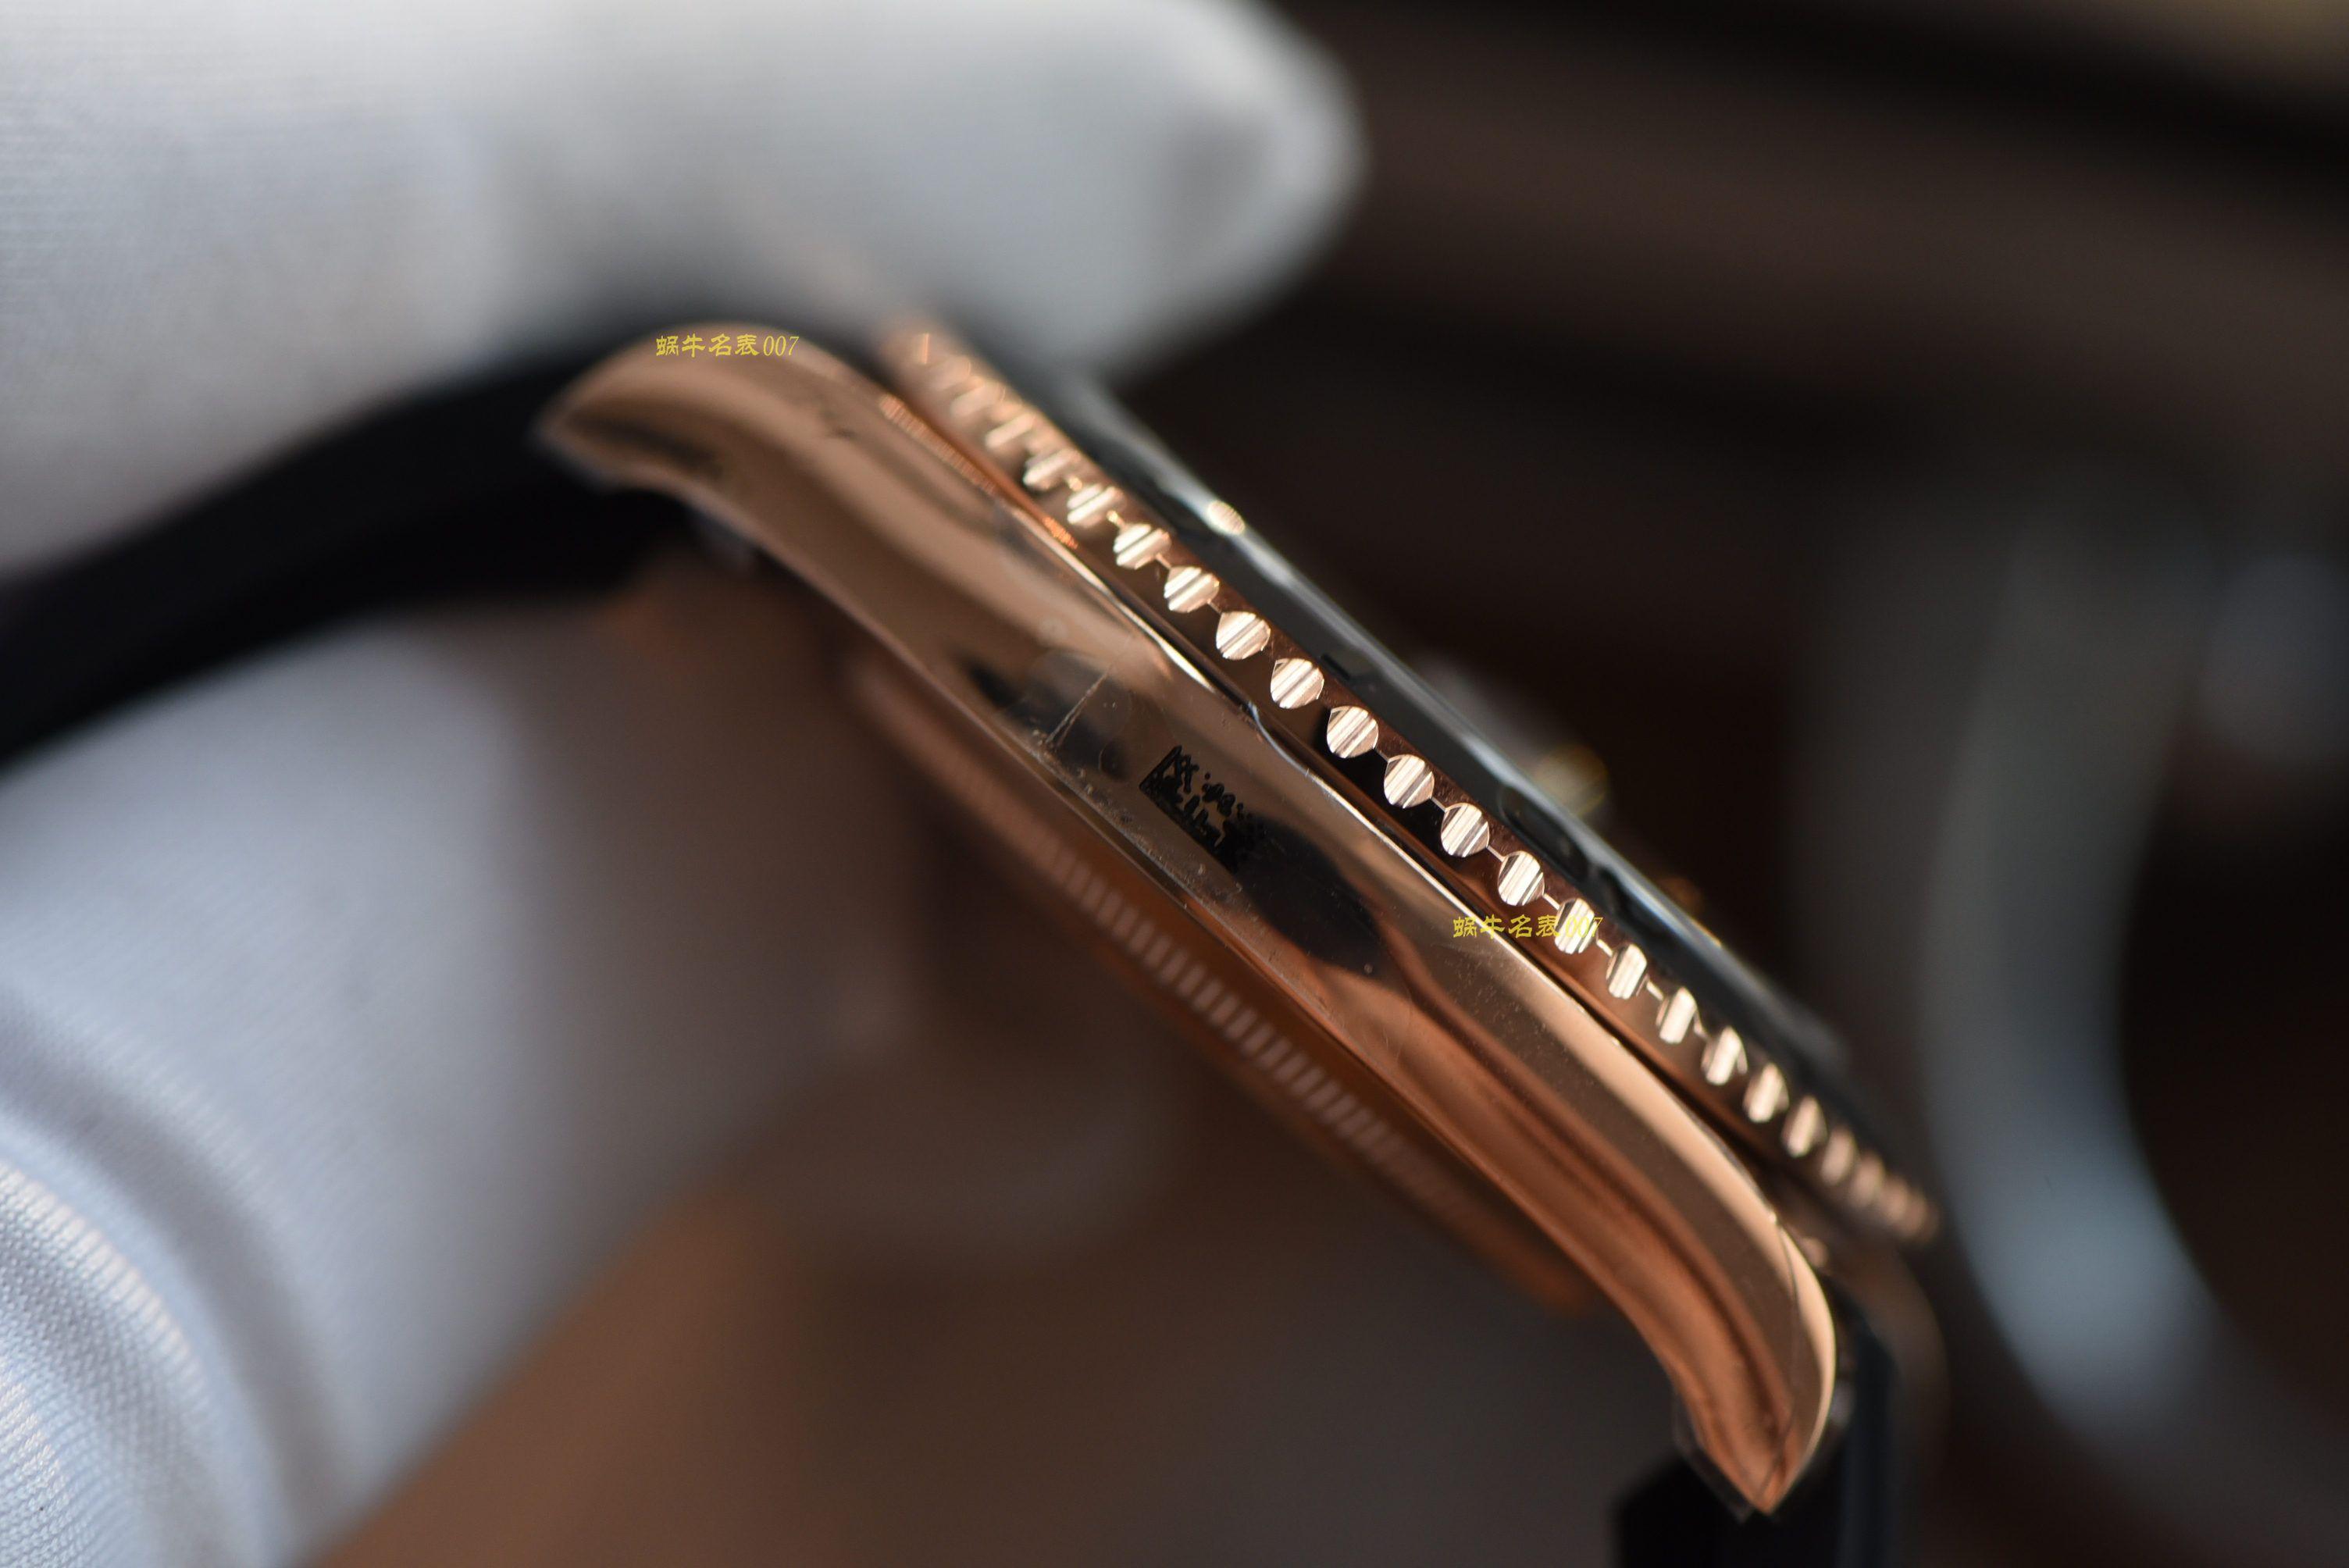 【视频评测】AR厂劳力士游艇名仕型系列116655-Oysterflex bracelet腕表(AR厂一比一高仿劳力士金游艇) / R312